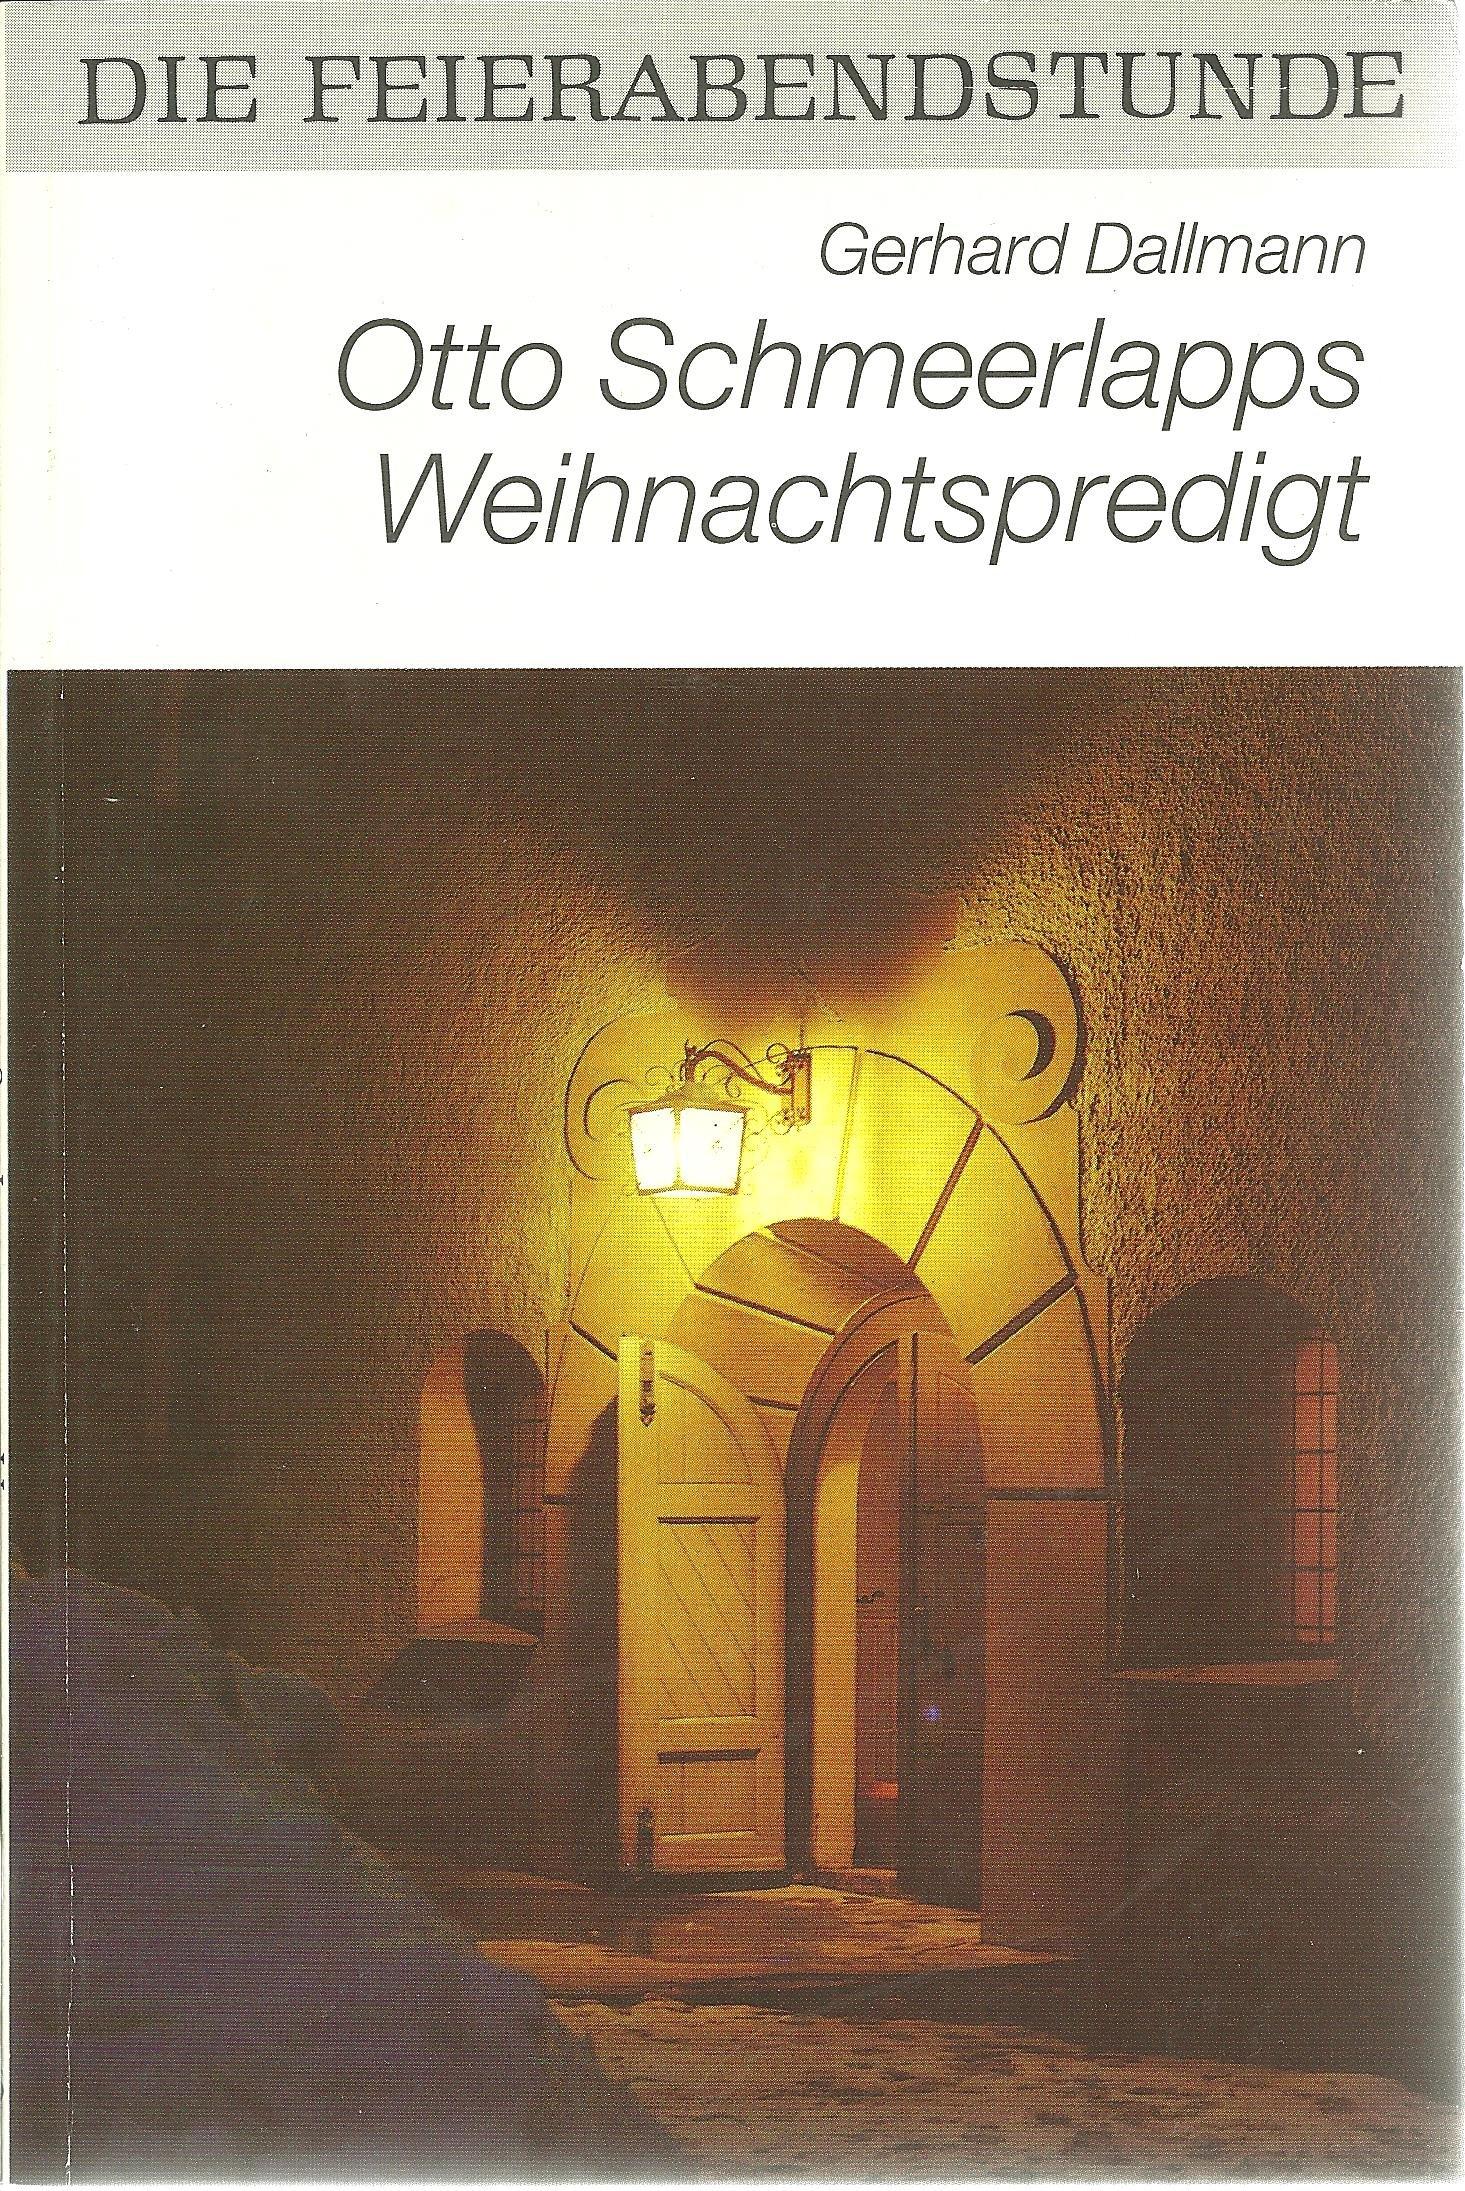 Otto Schmeerlapps Weihnachtspredigt: Amazon.de: Gerhard Dallmann: Bücher